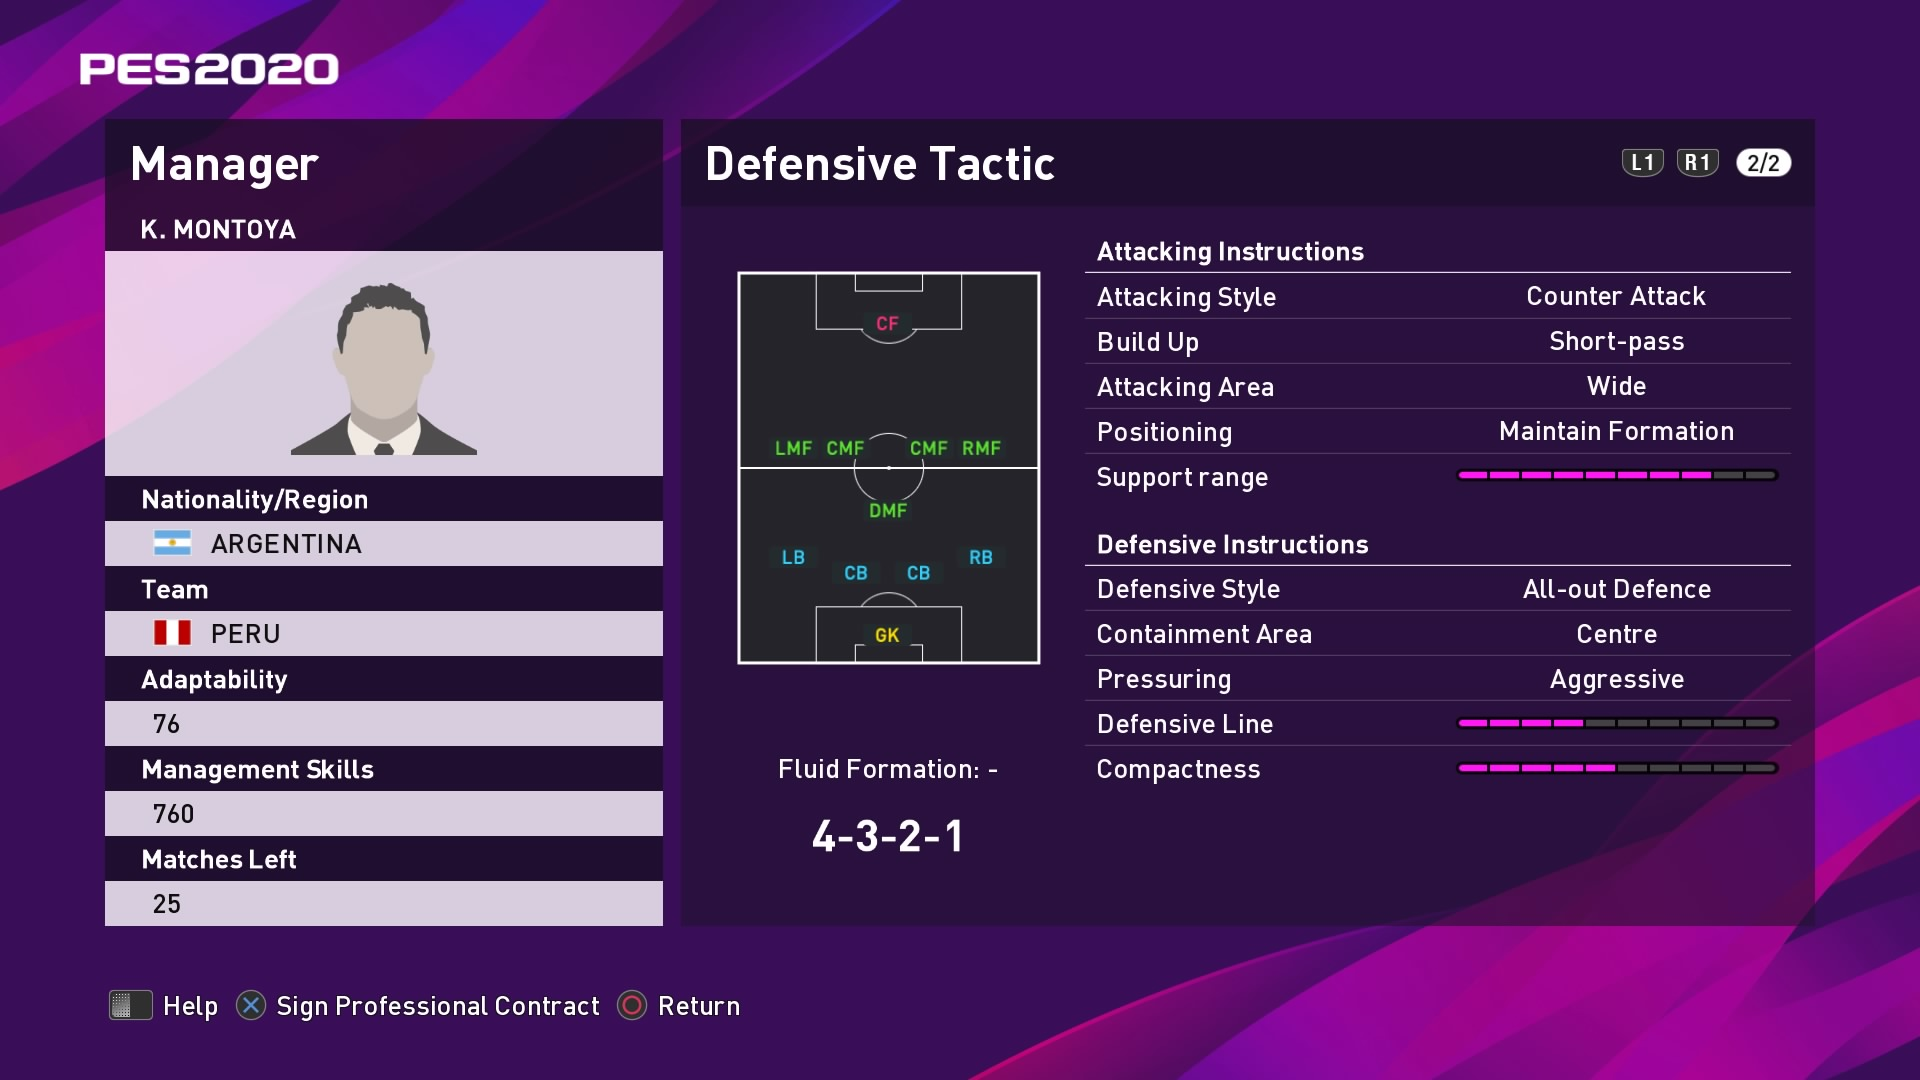 K. Montoya (Ricardo Gareca) Defensive Tactic in PES 2020 myClub